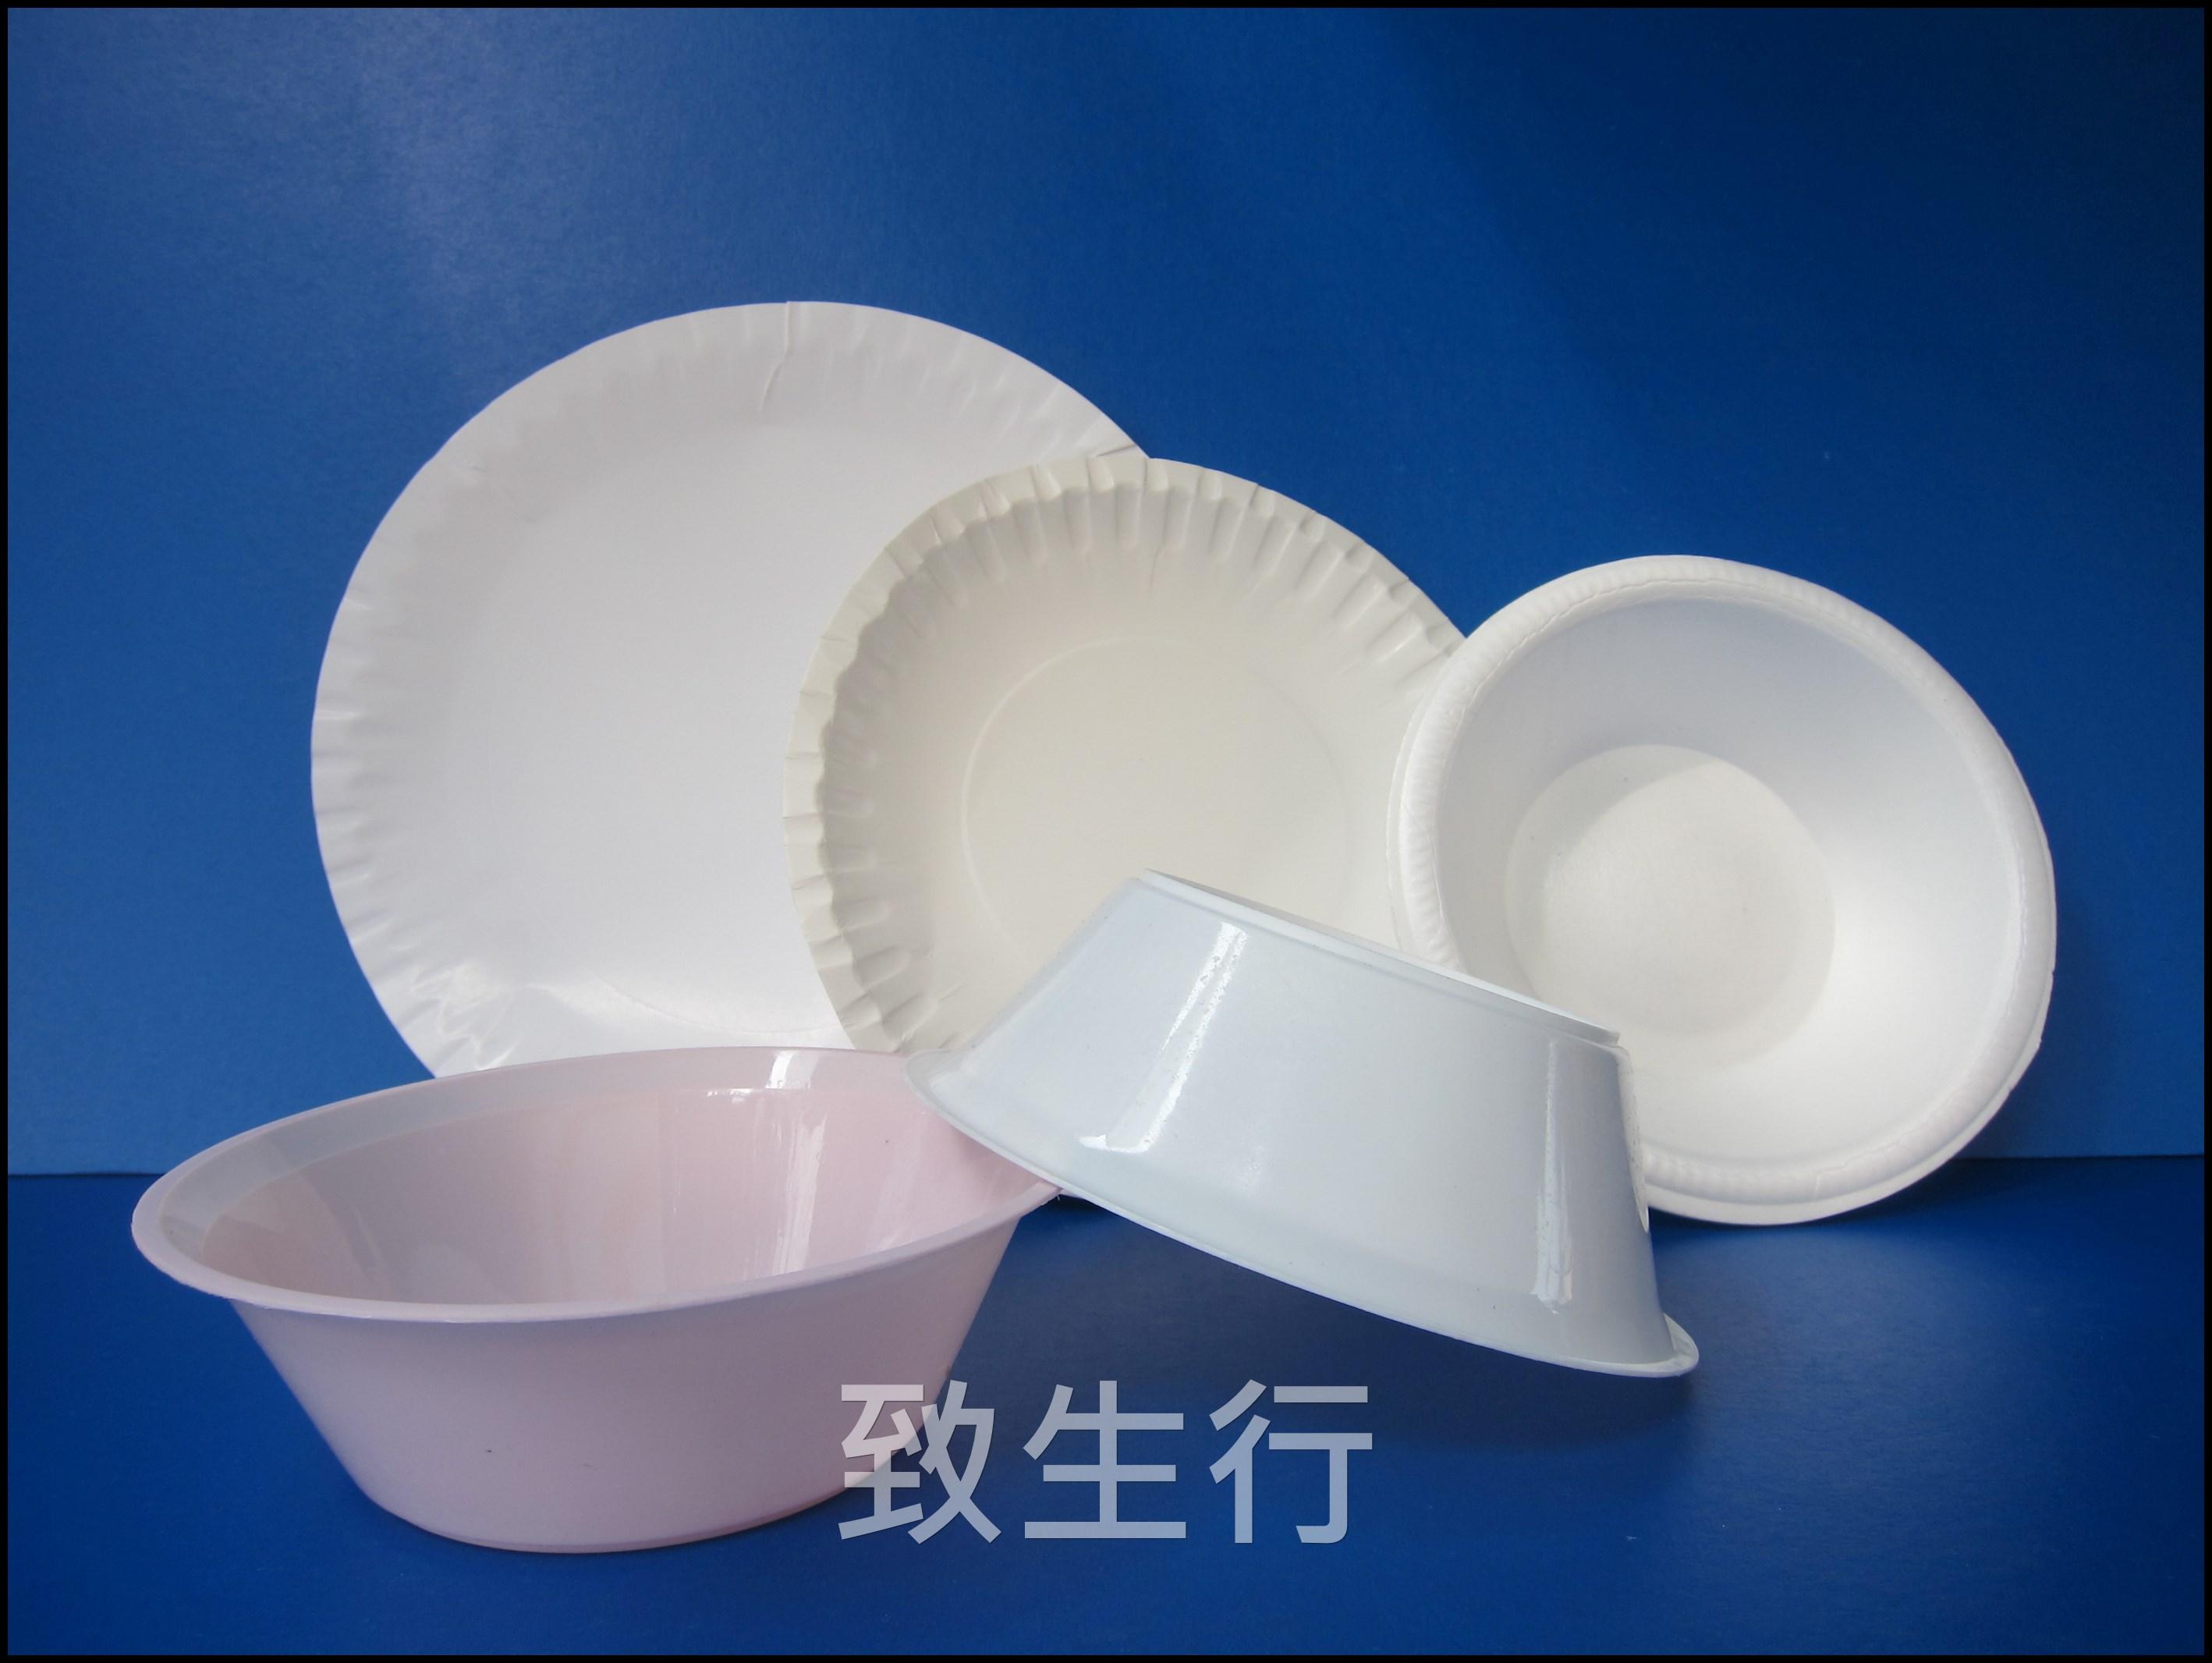 紙碟, 膠碗, 膠碟